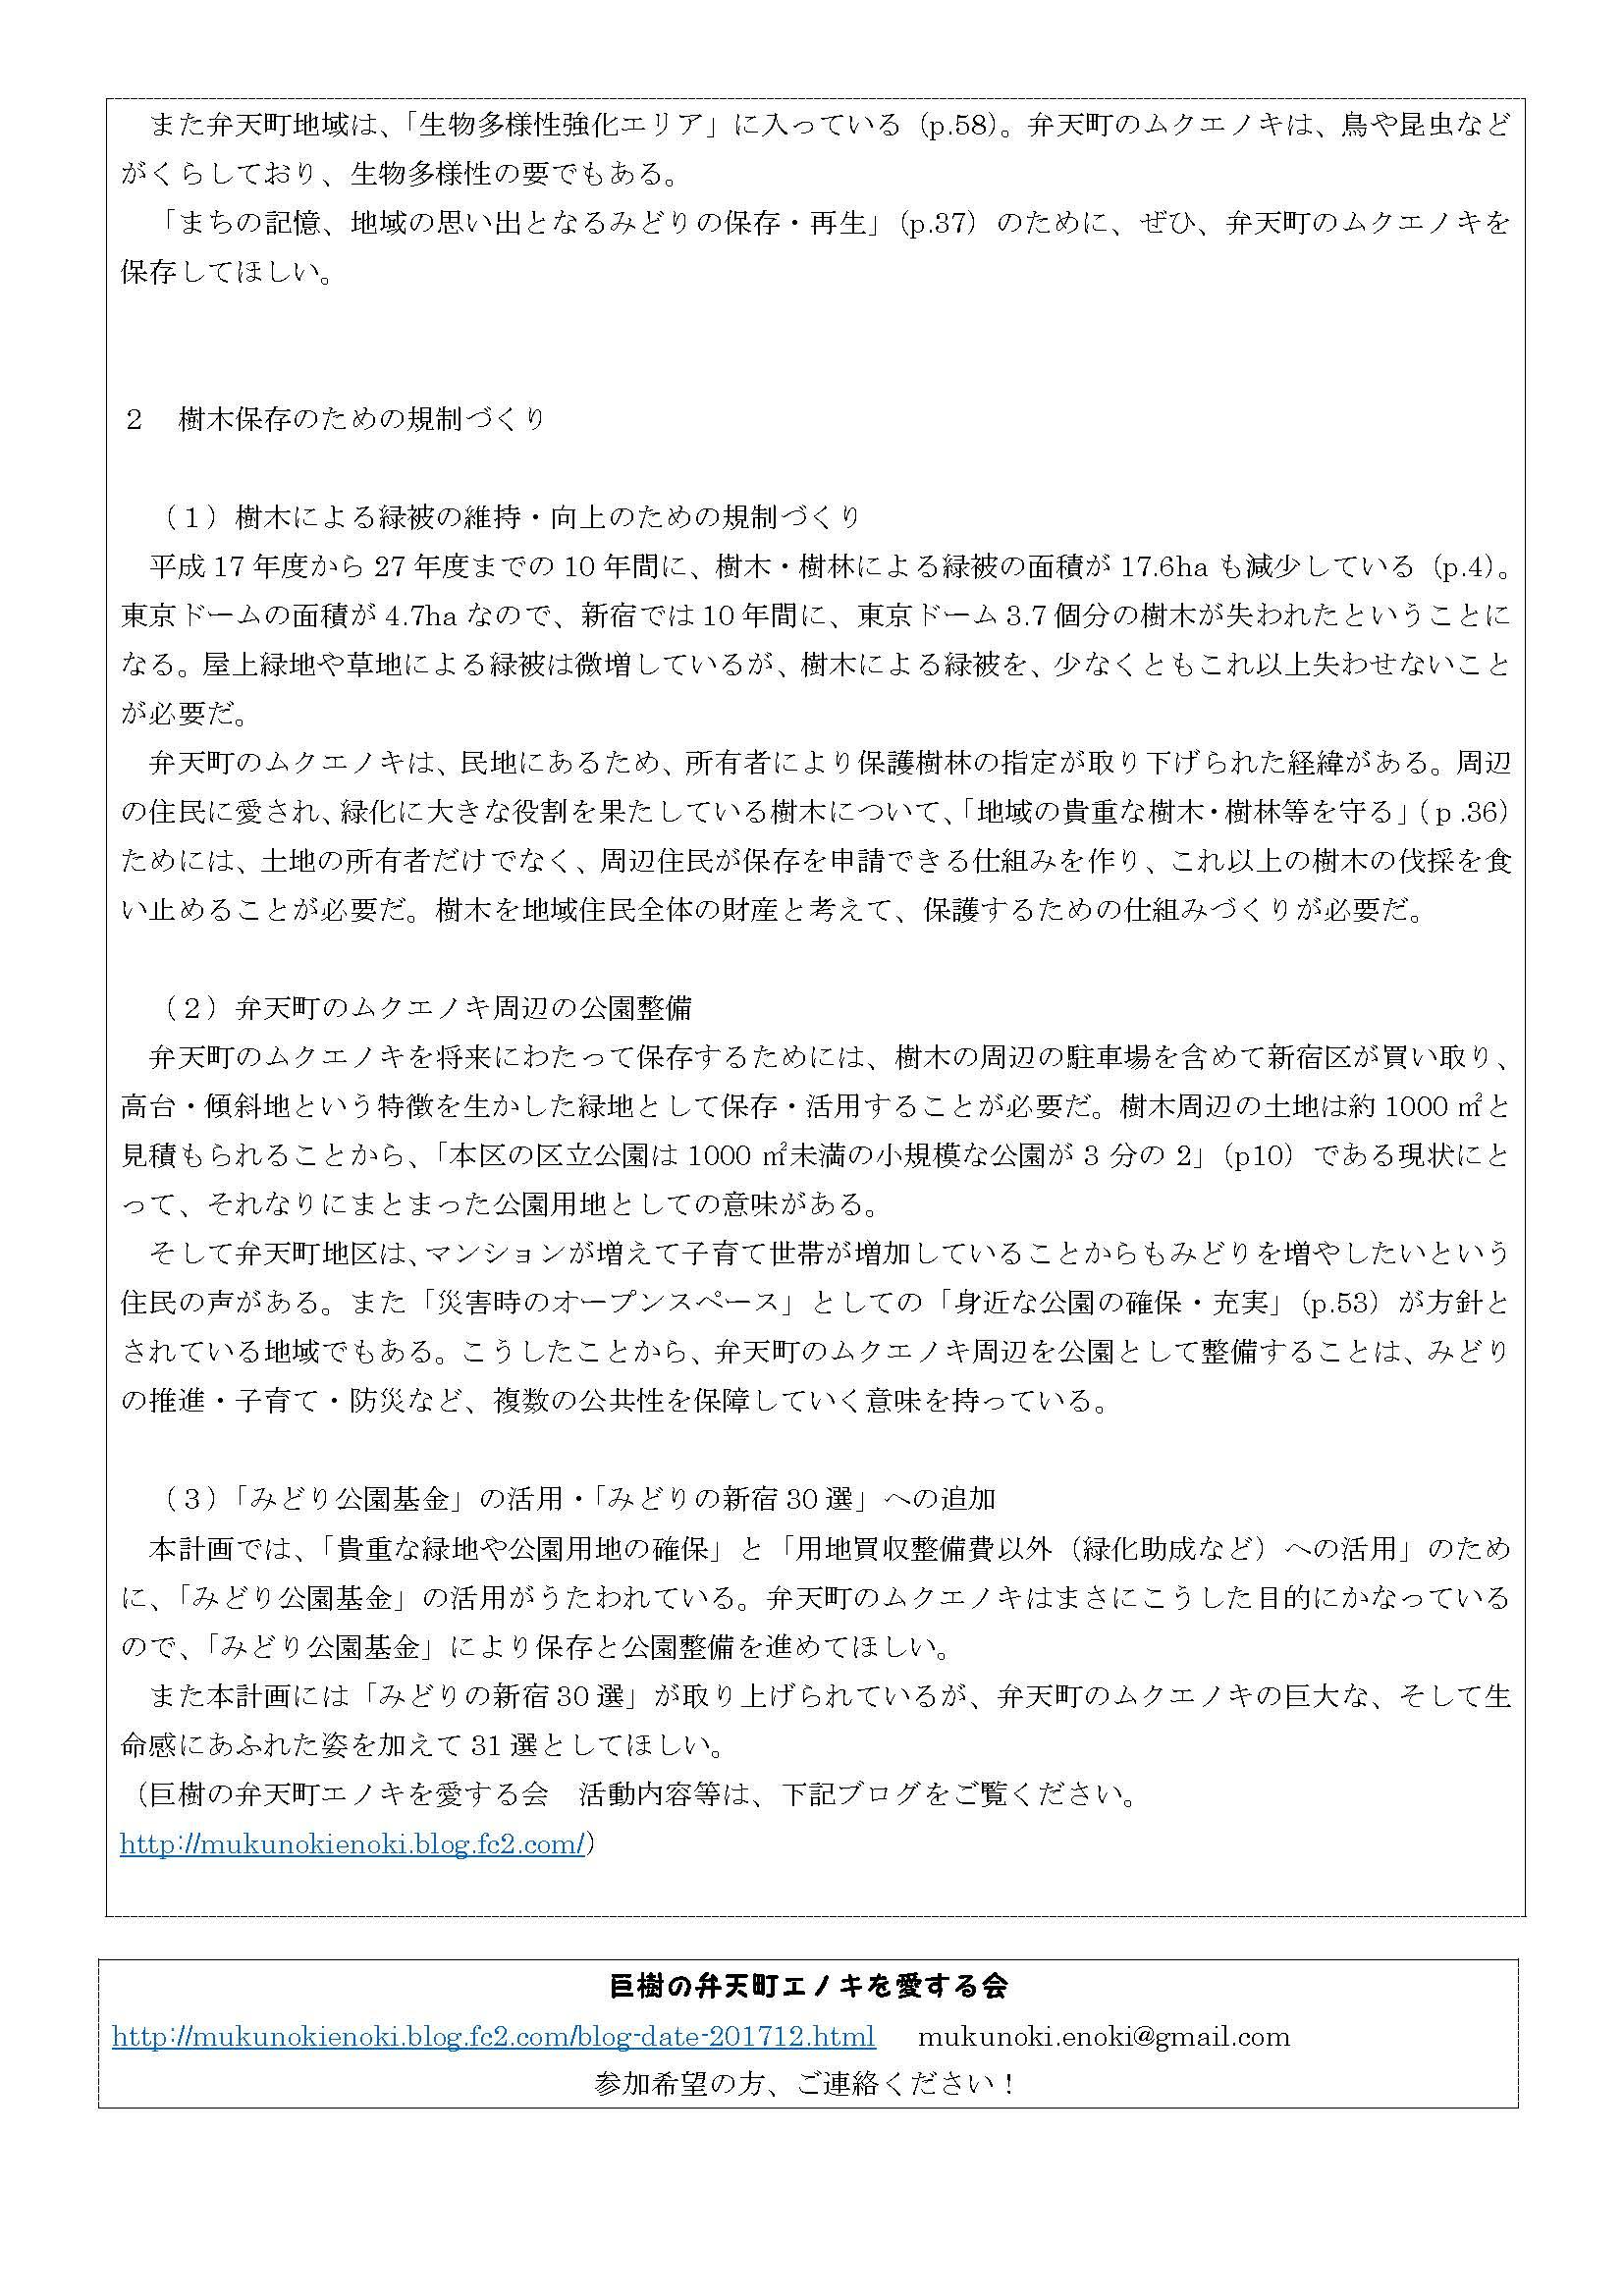 新宿大エノキ通信第3号2_ページ_2